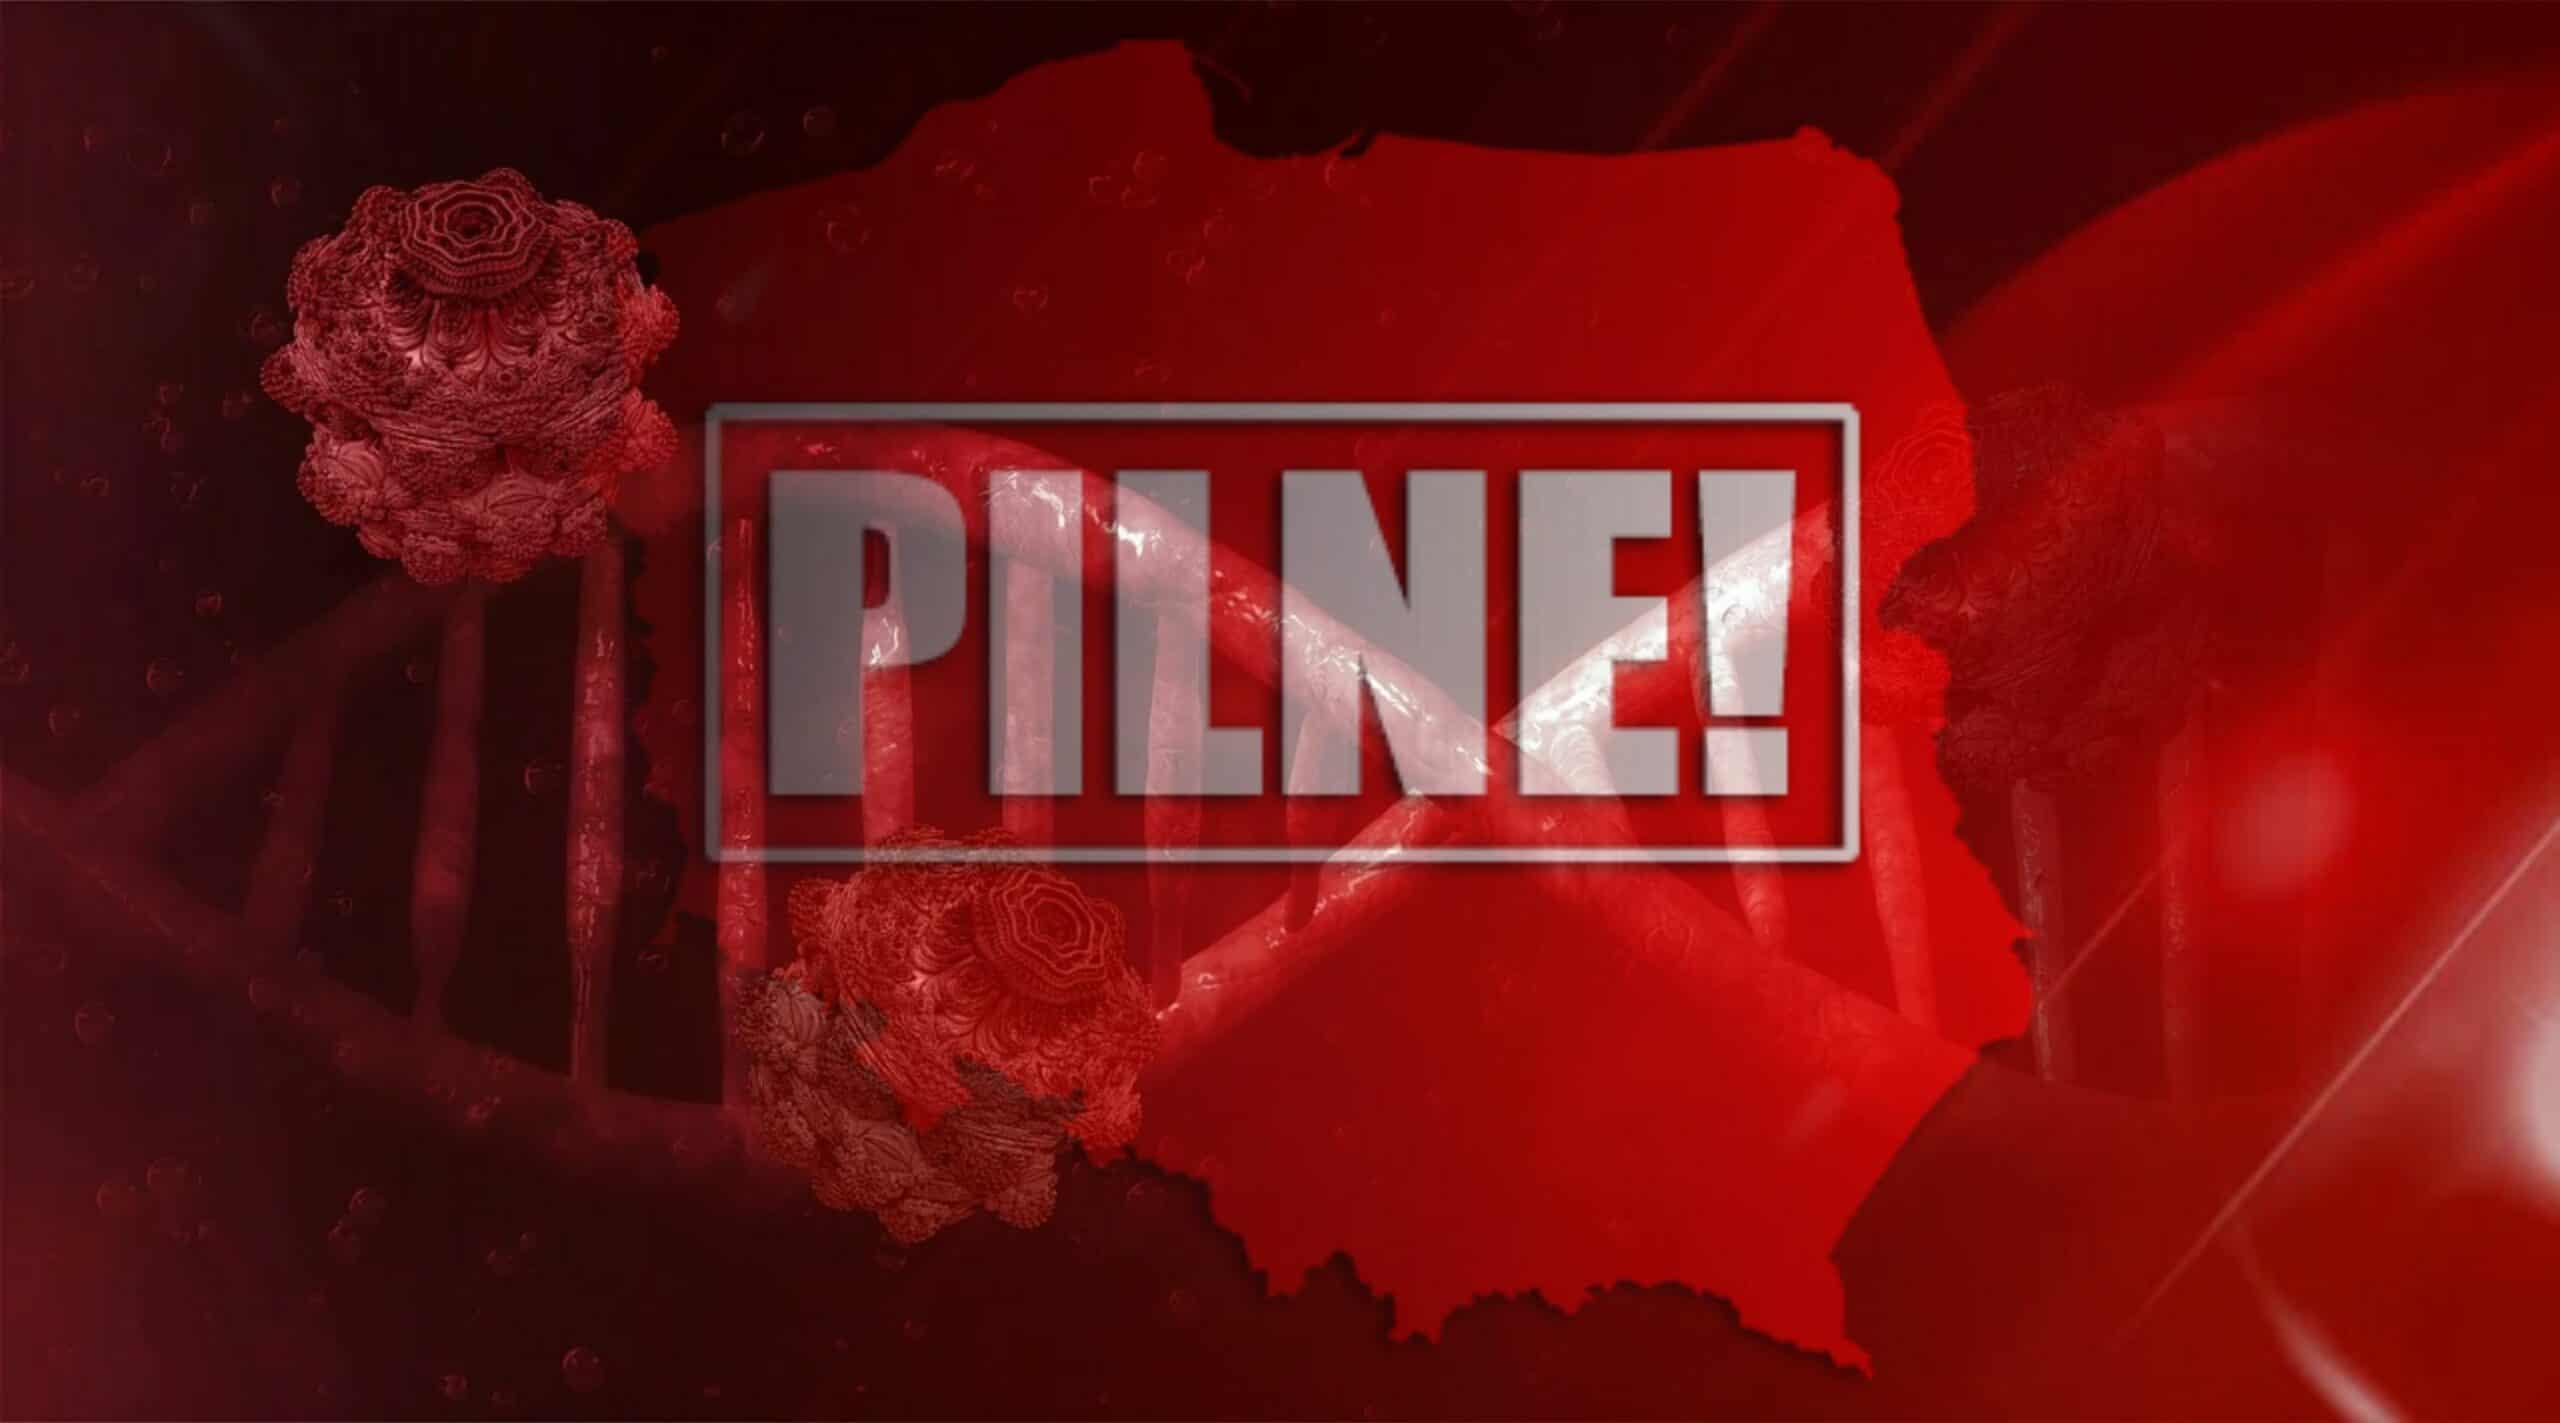 Pandemia koronawirusa w Polsce: Pacjentka z Poznania nie żyje, była chora na COVID-19. To pierwsza ofiara śmiertelna koronawirusa w Polsce